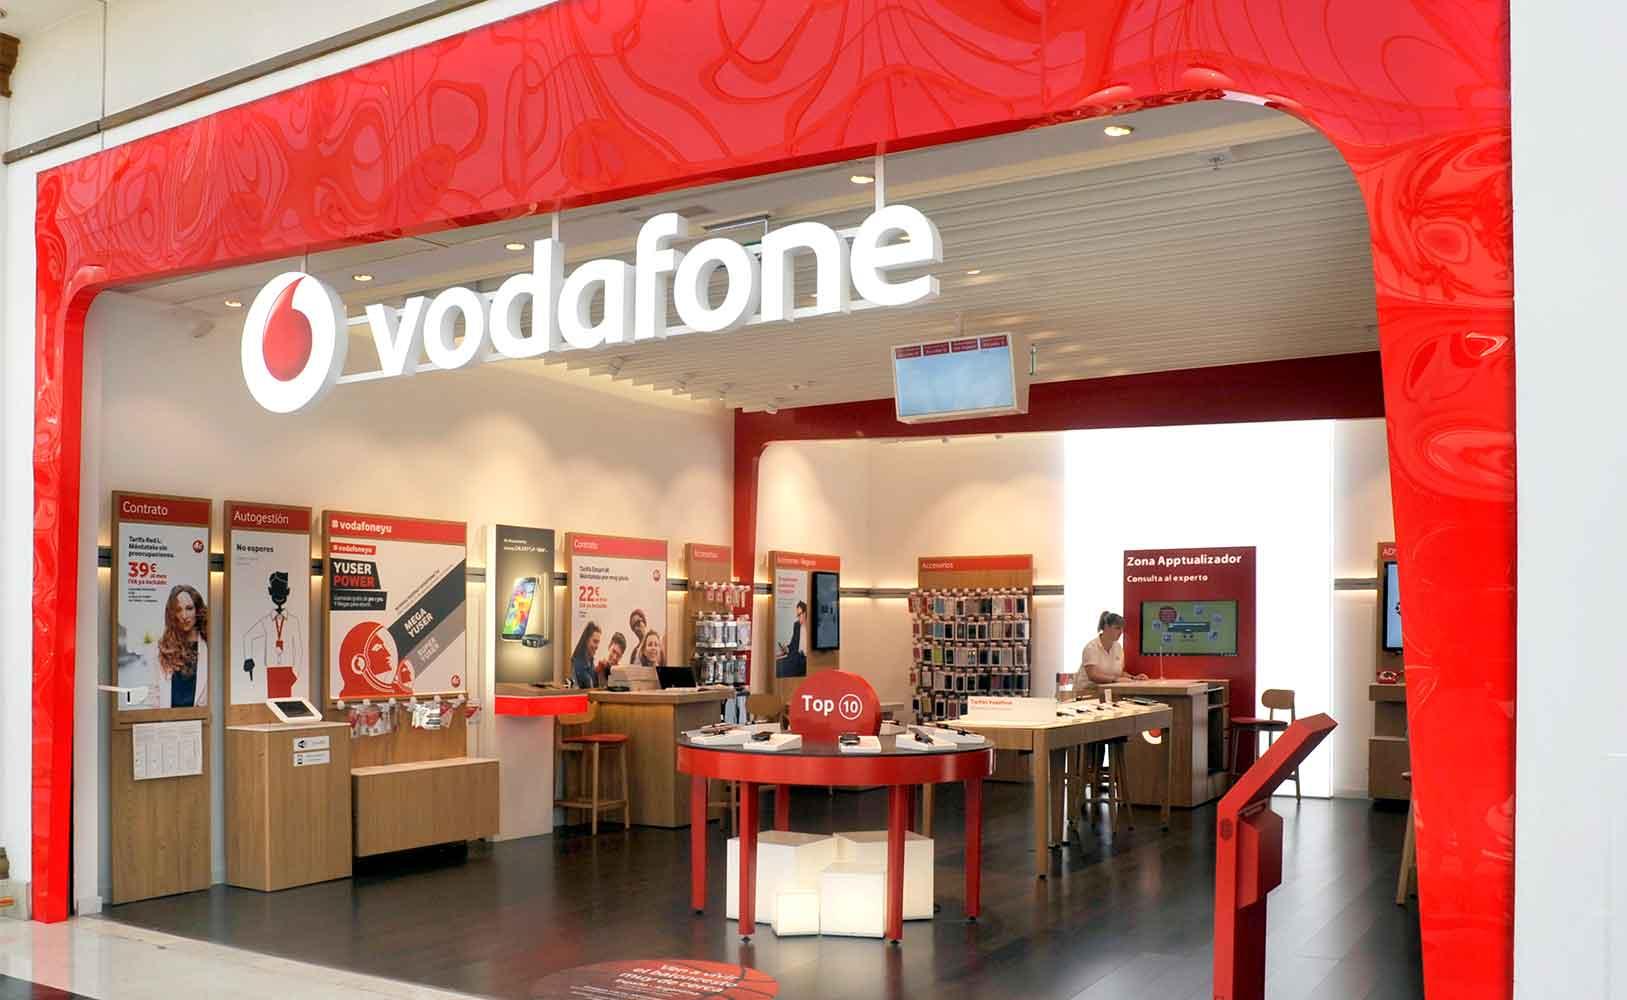 Producción gráfica y comunicación visual de tiendas Vodafone